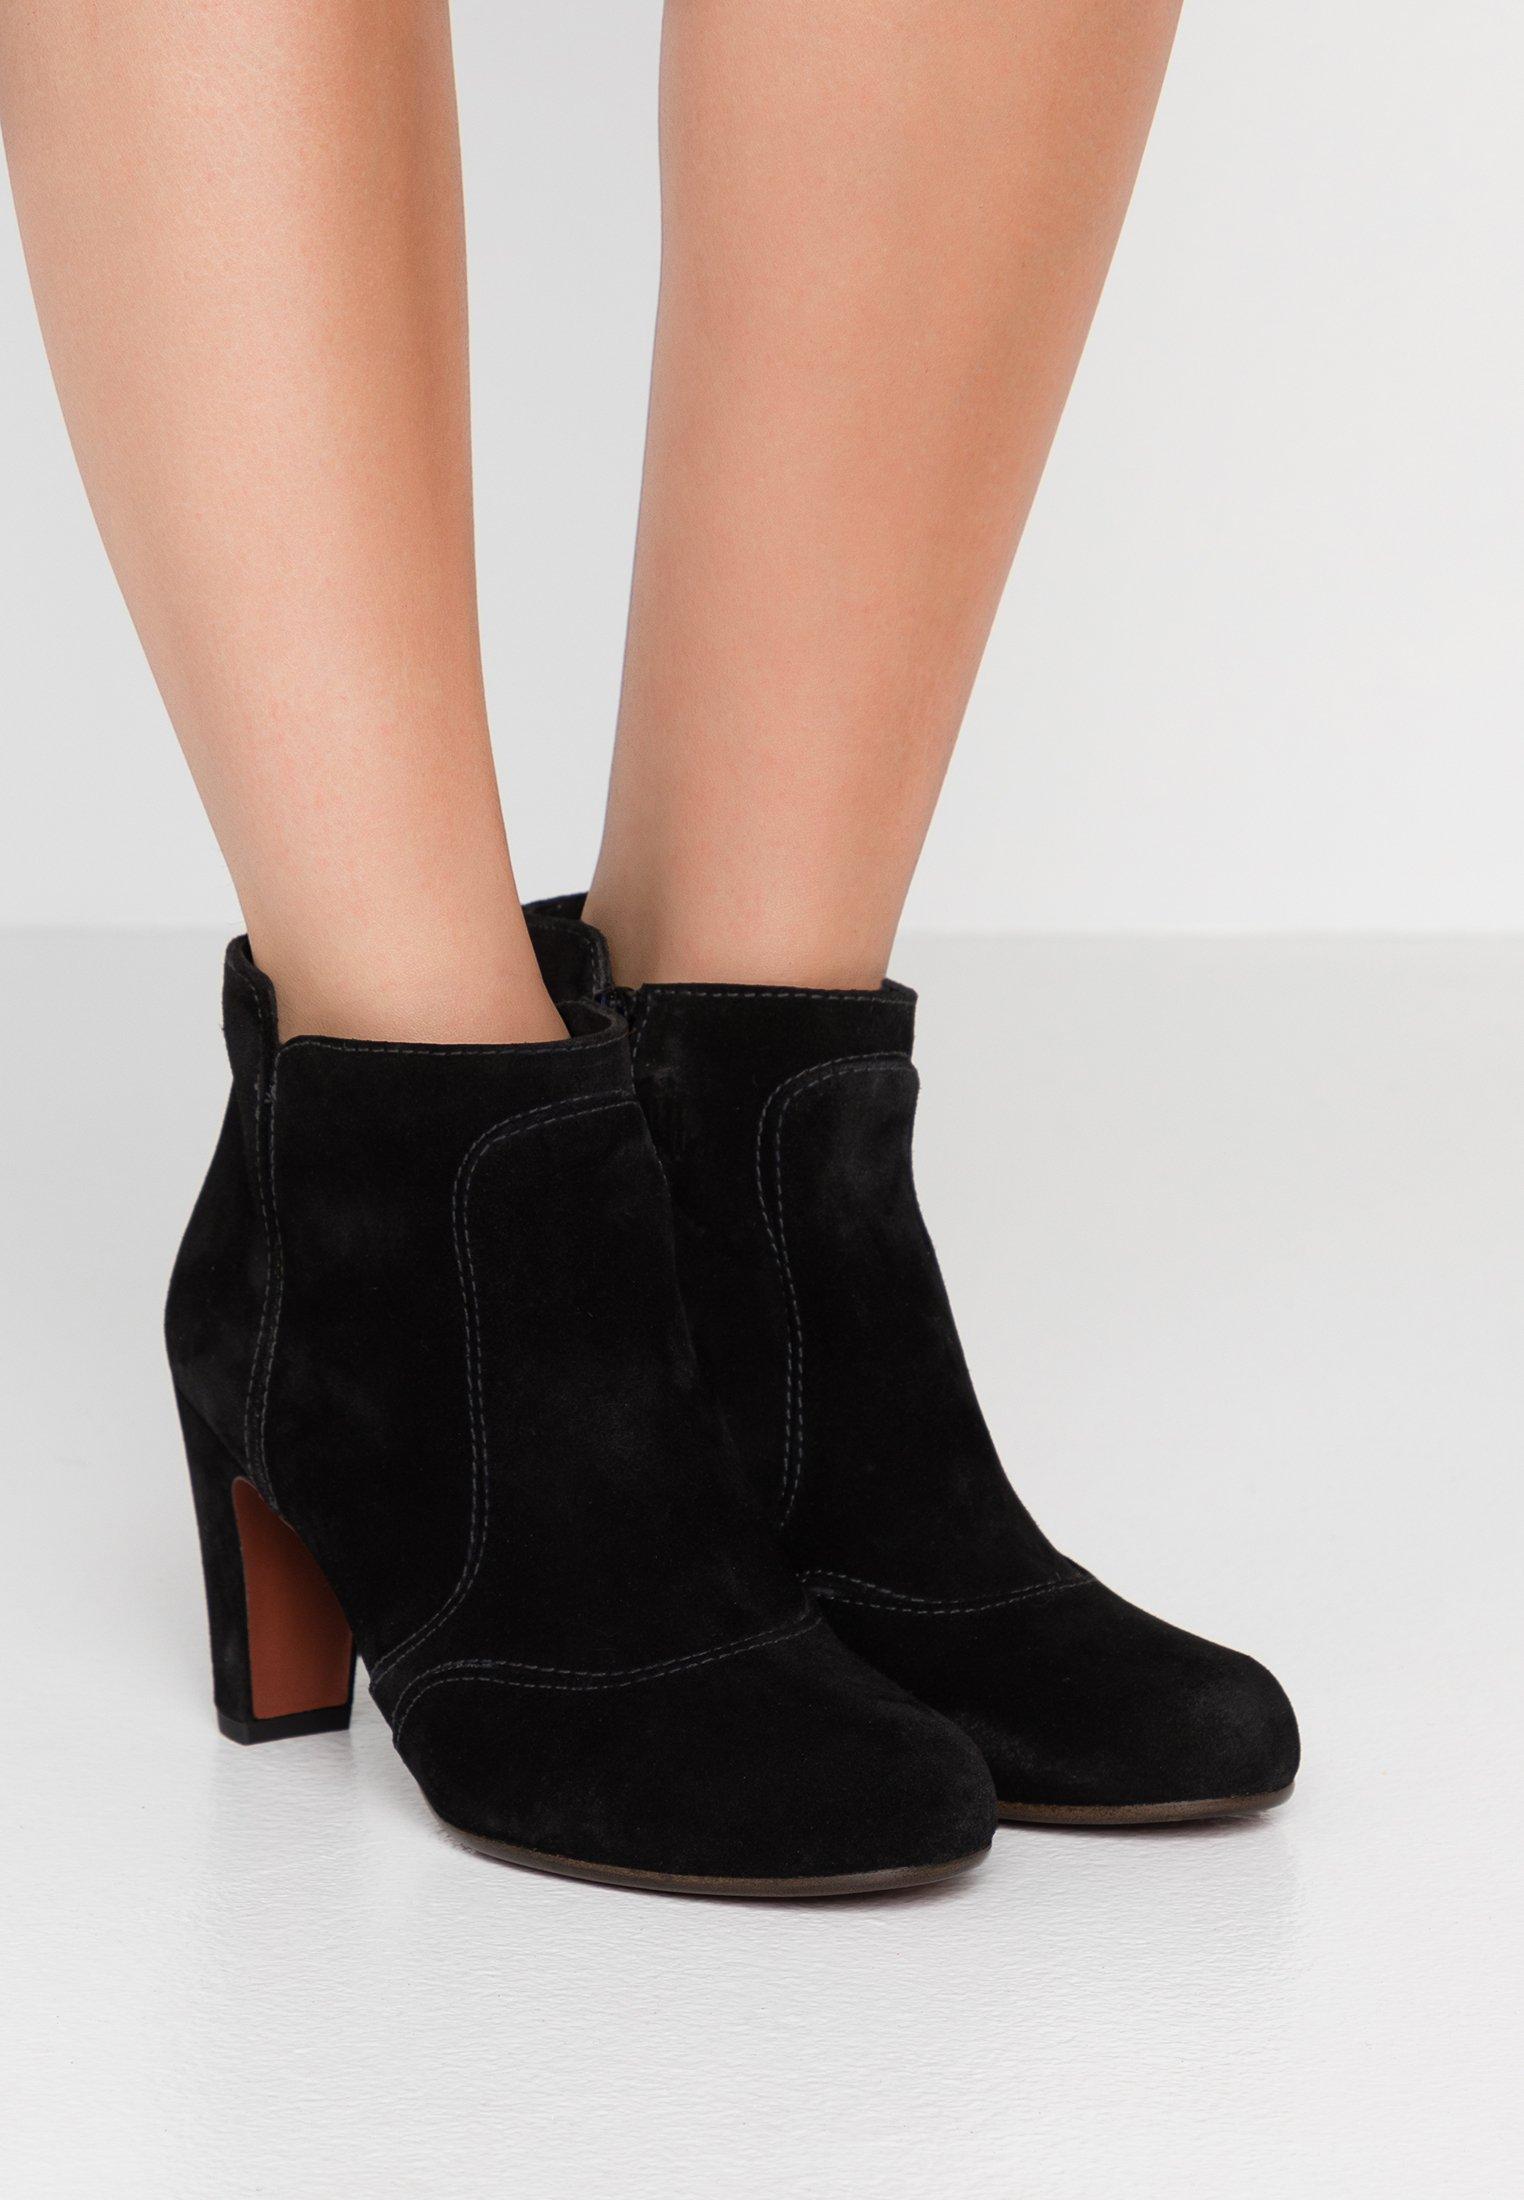 Chie Mihara KYRA - Boots à talons black